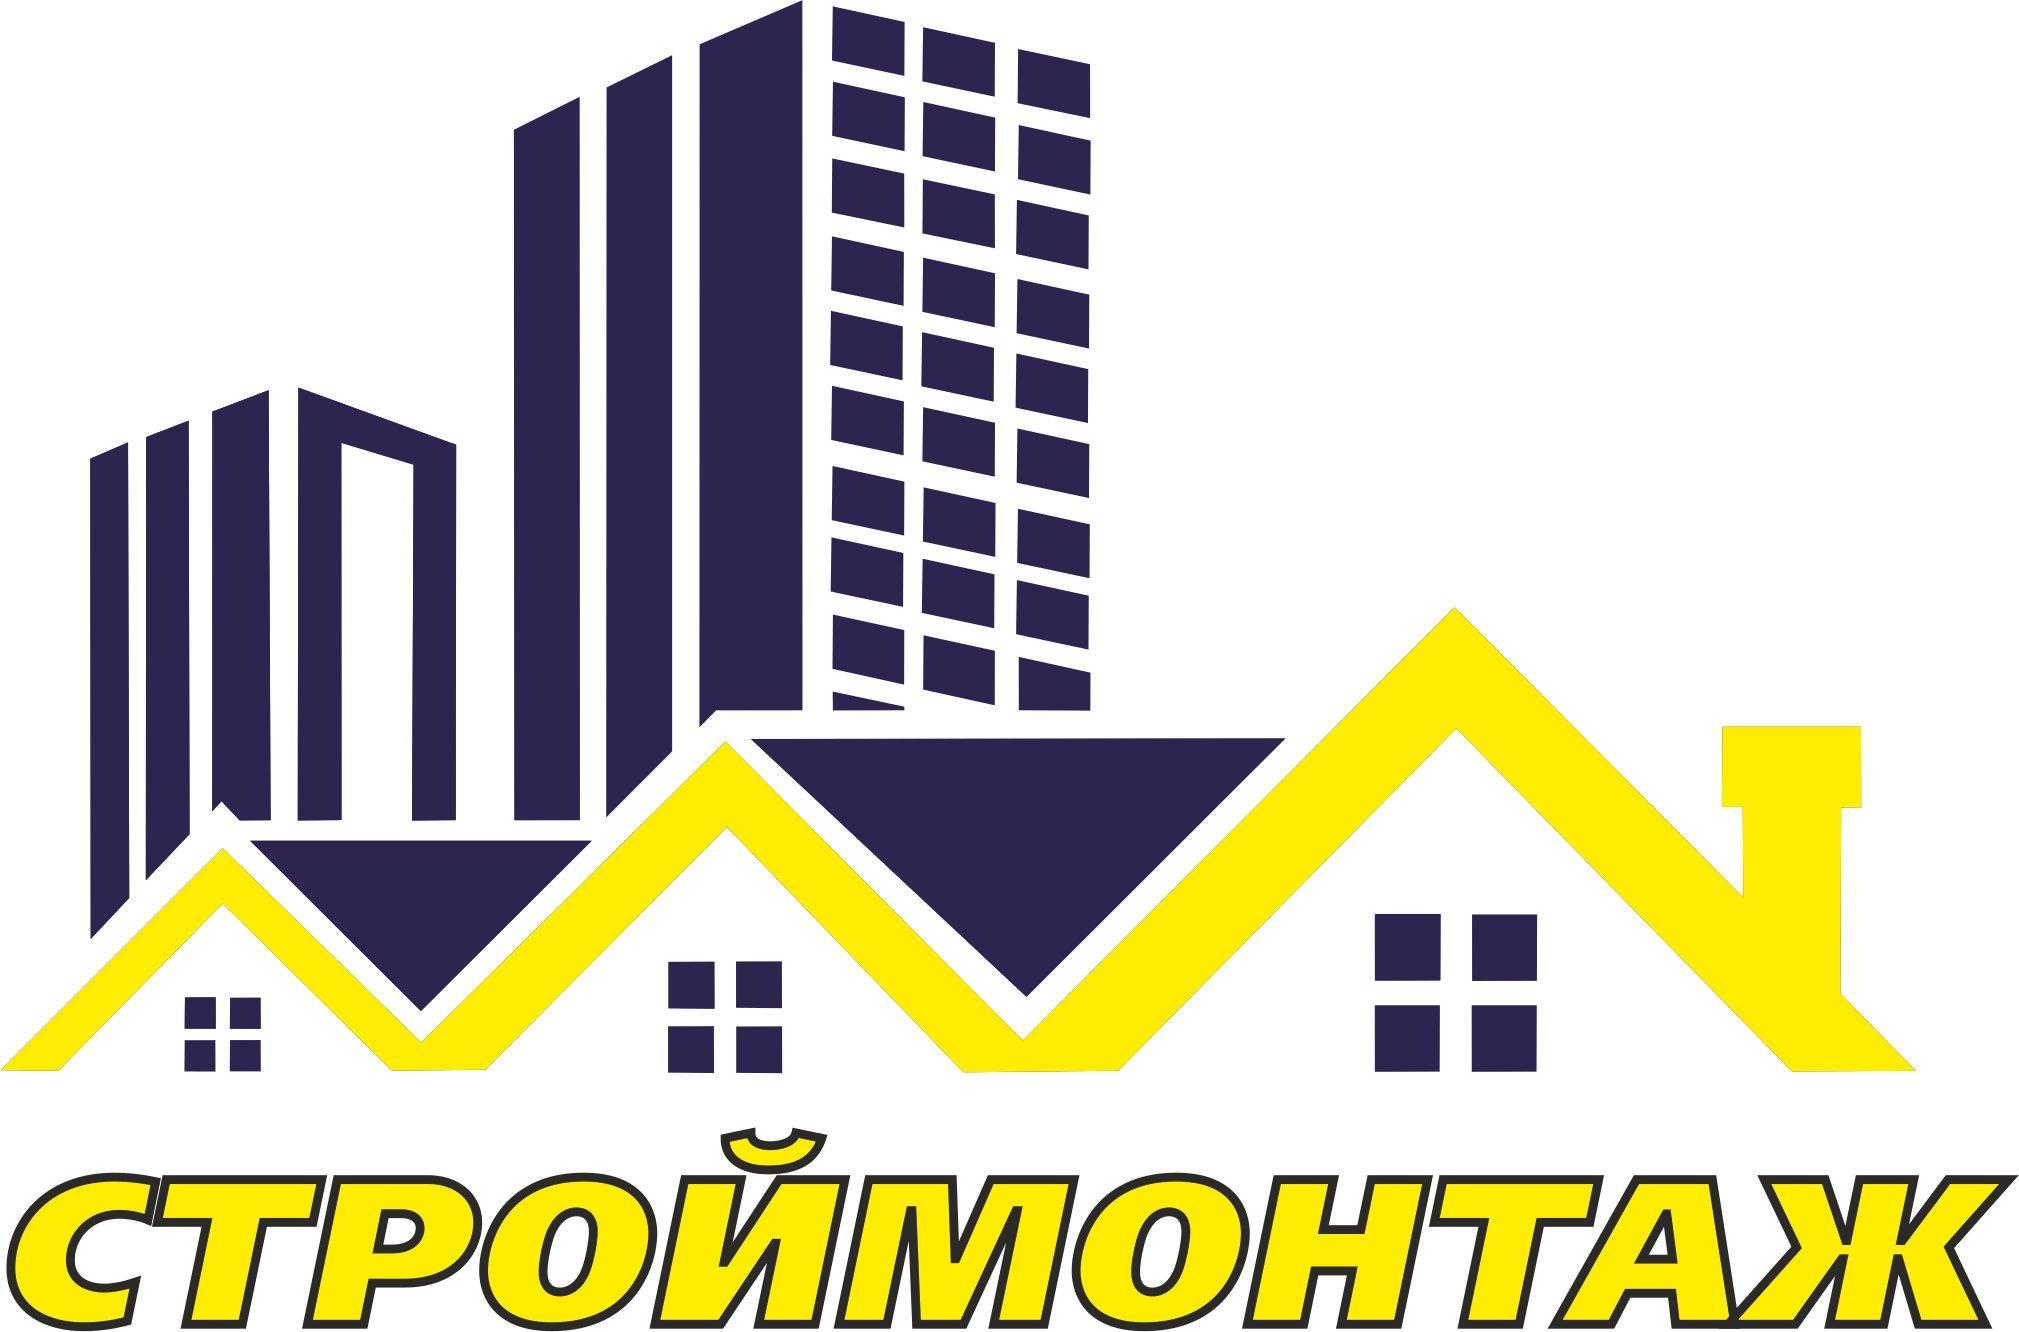 Сайт строймонтаж строительная компания программа для размещения ссылок в интернете